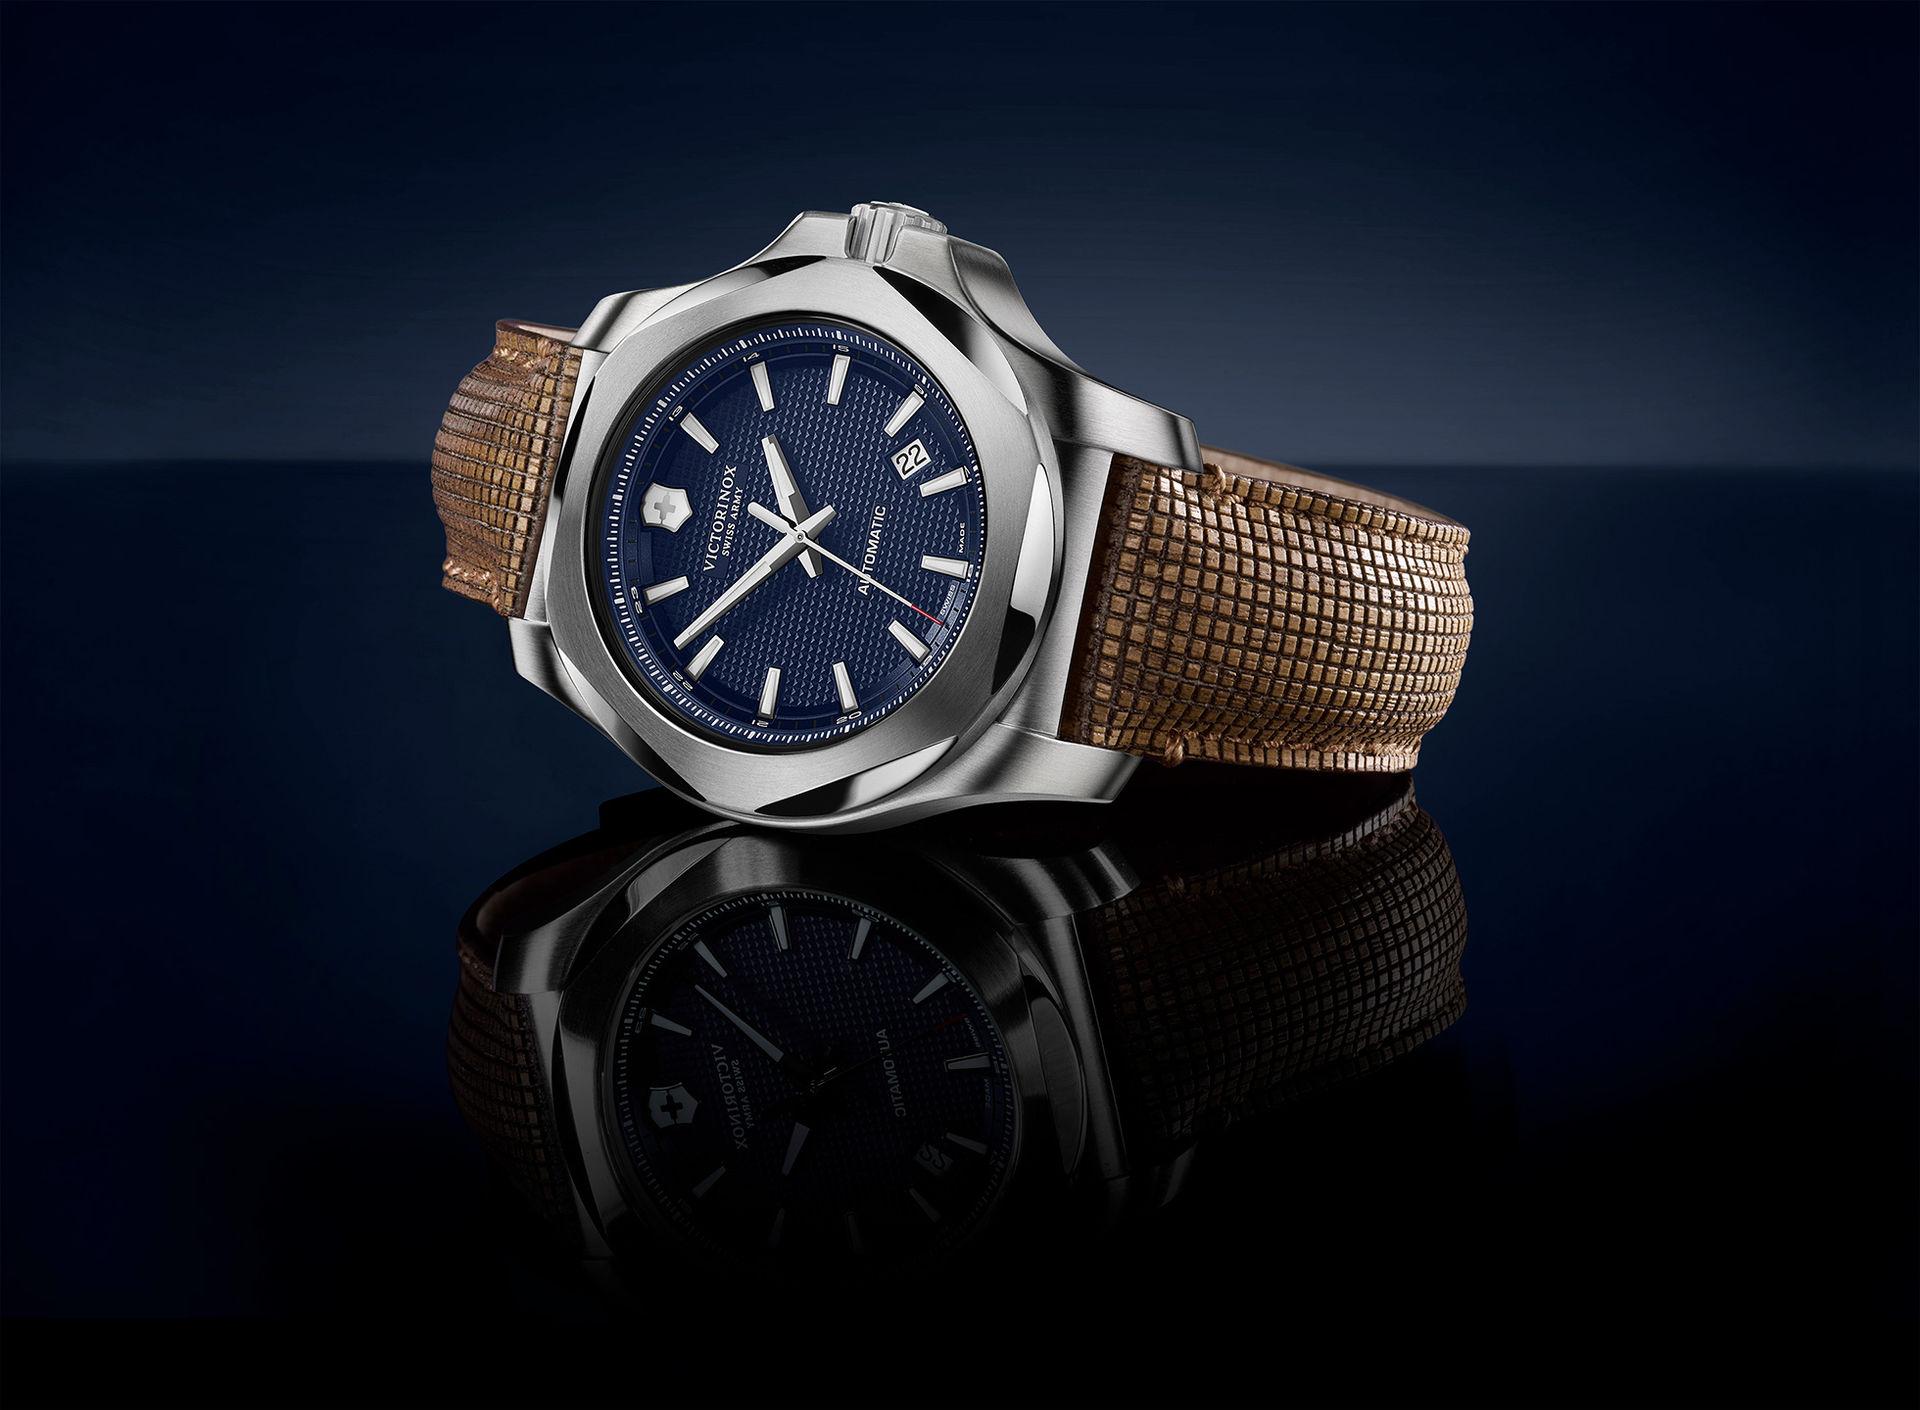 Victorinox nya klocka har armband av trä